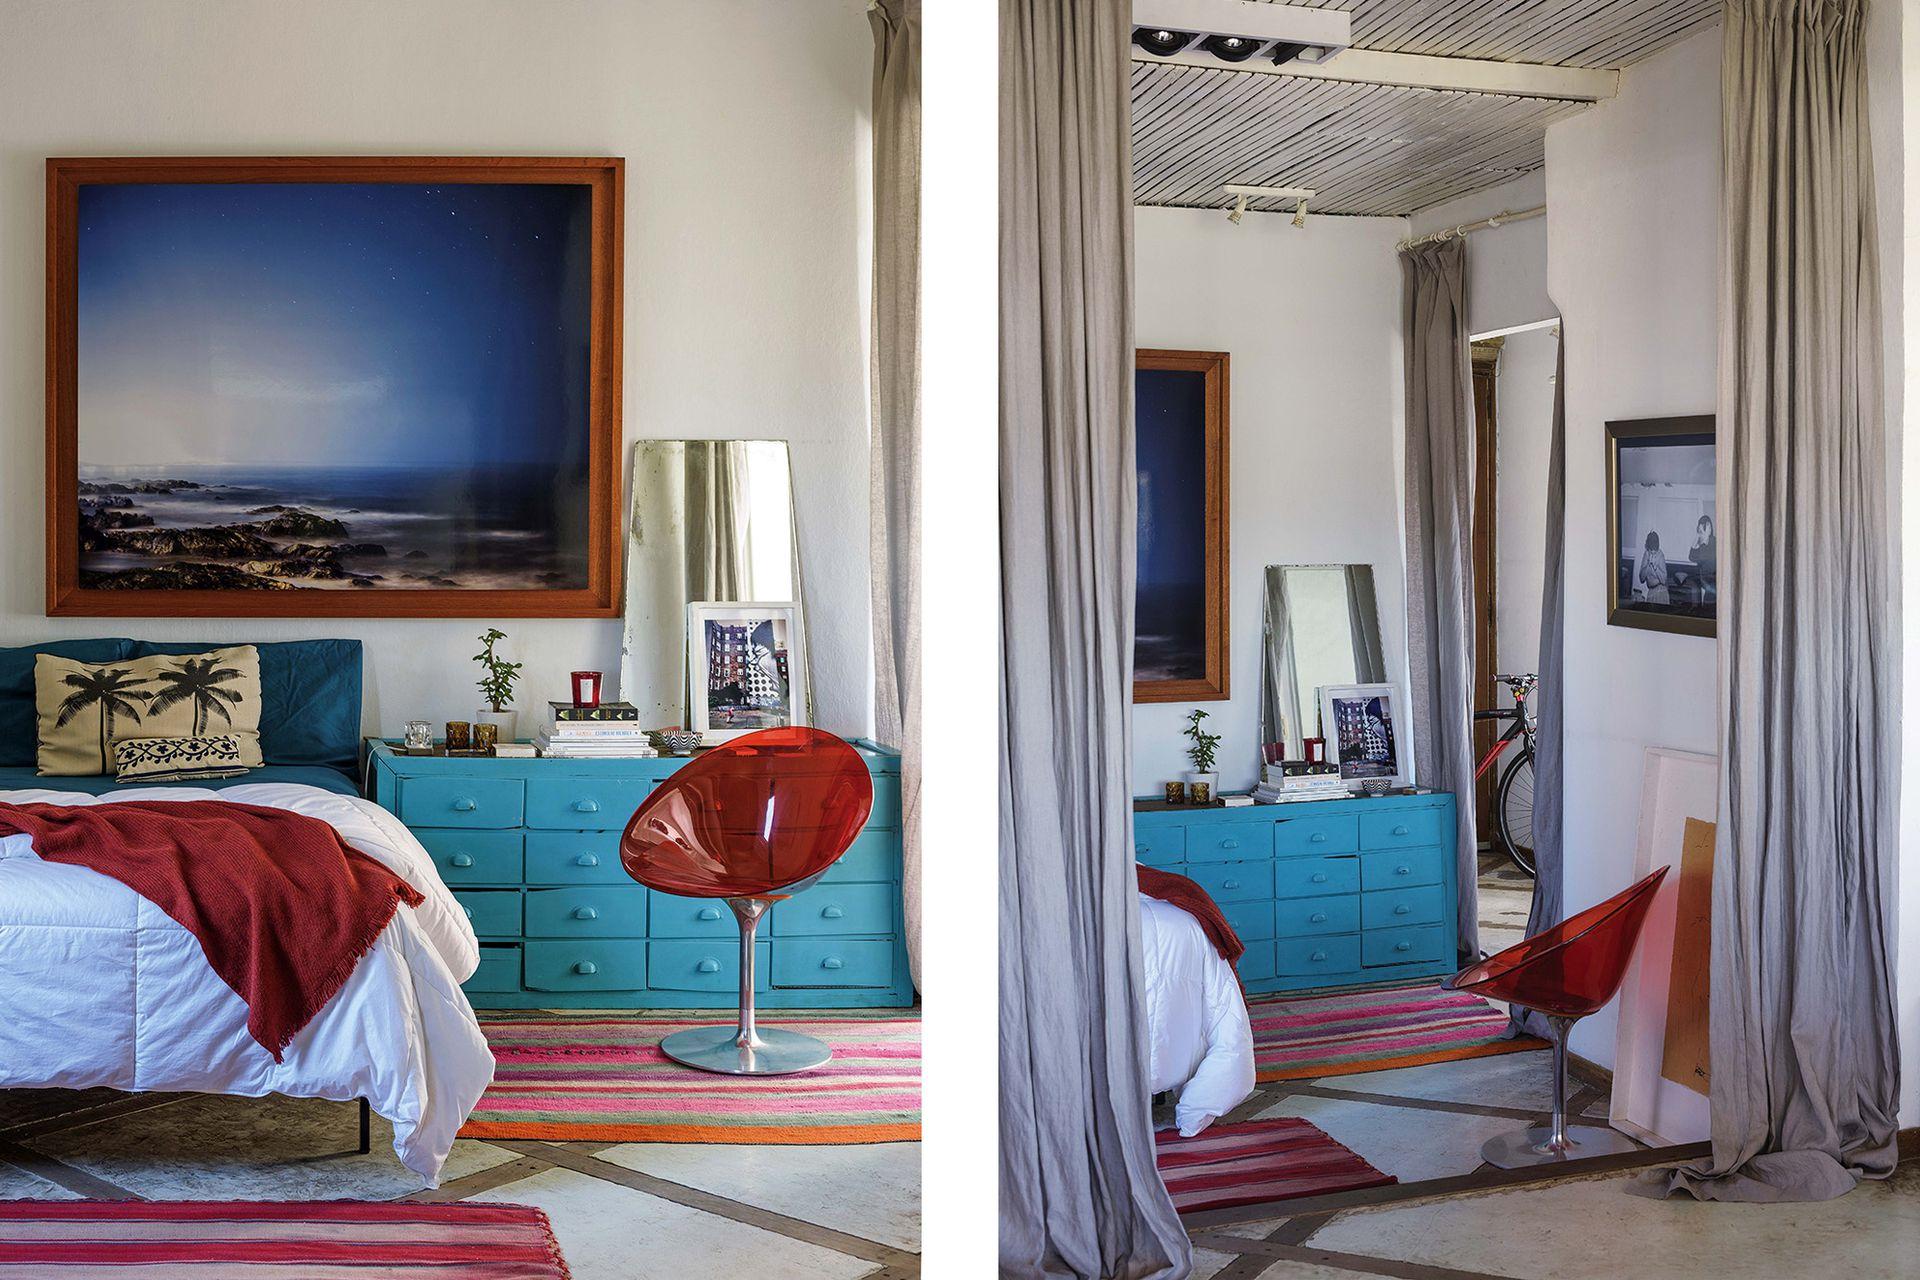 La cama se apoyó contra una de las paredes, para que el paso hacia el living fuera más amable.